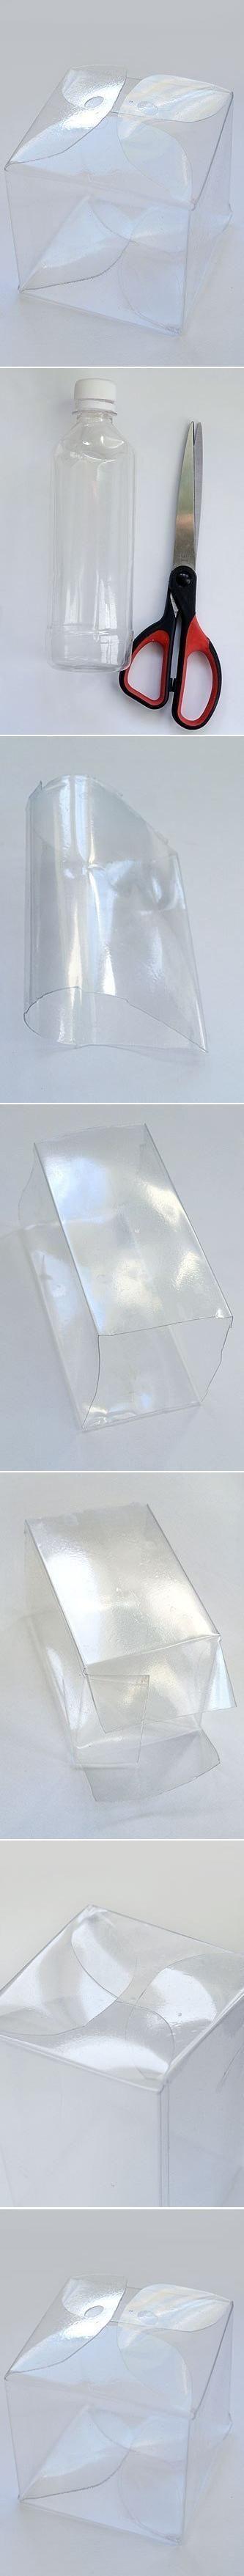 Caja de plástico de botellas - Plastic Bottle Box